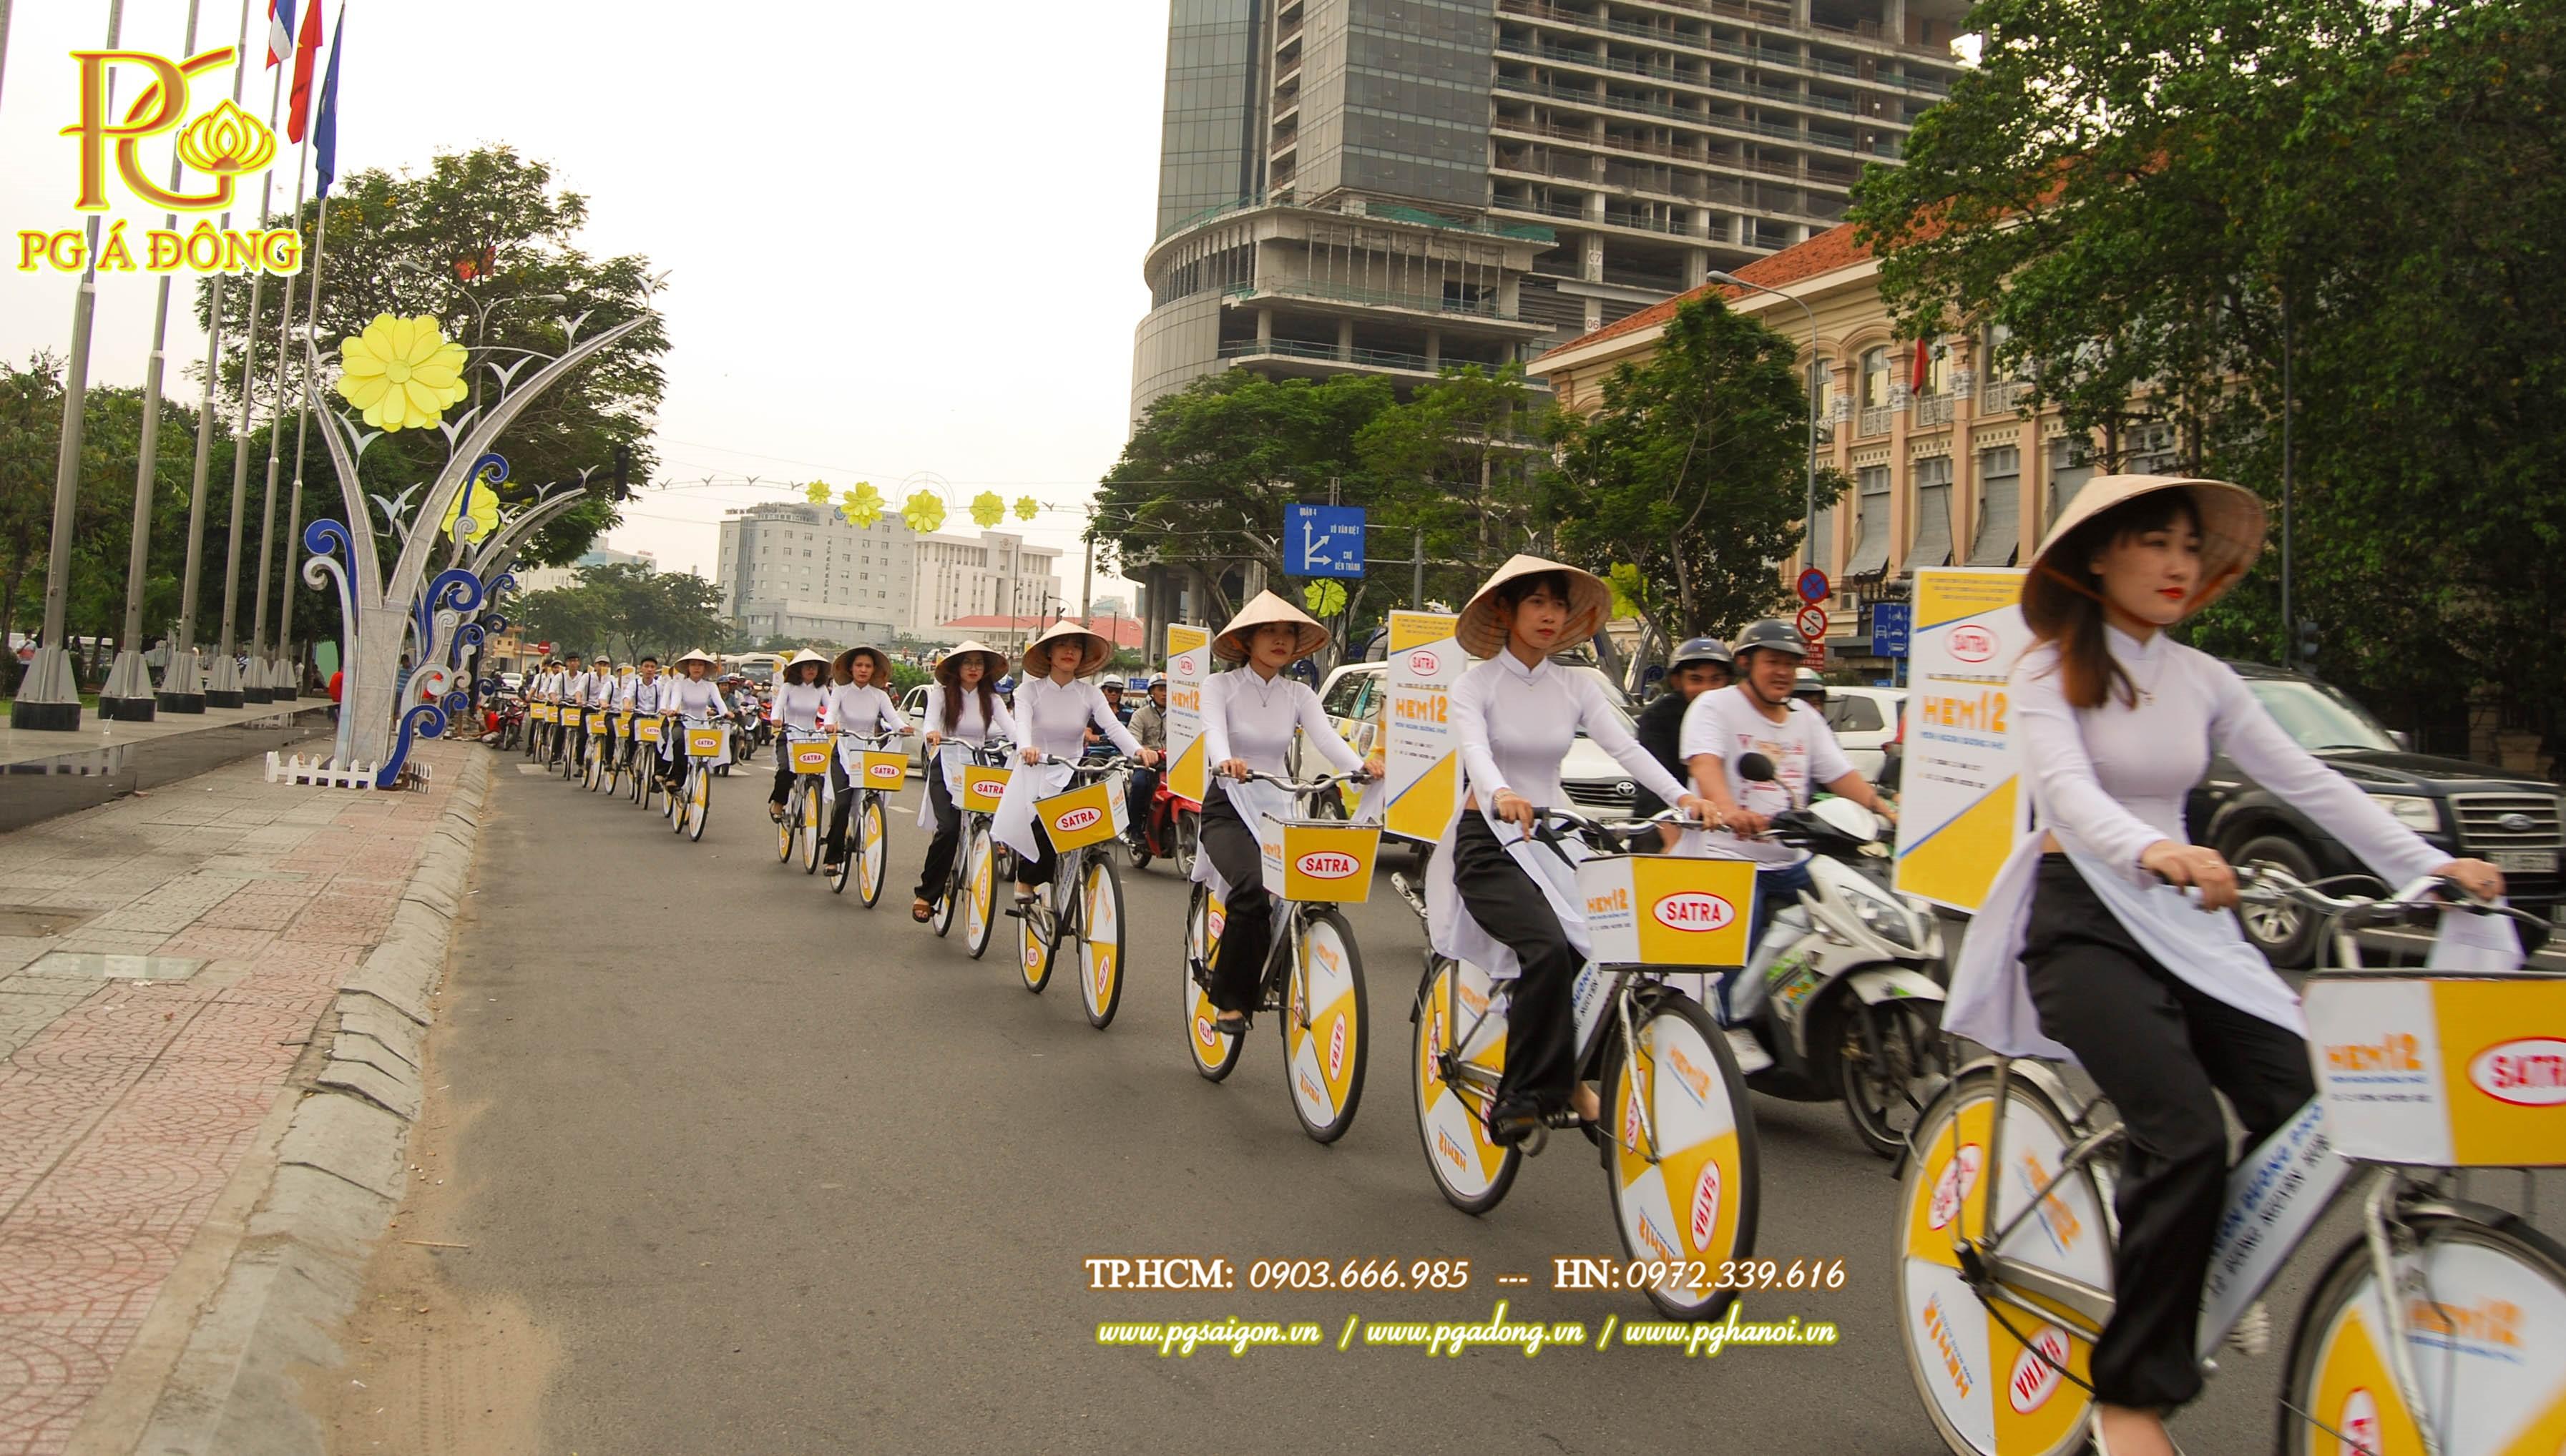 Đoàn roadshow xe đạp nổi bật trên đường Tôn Đức Thắng